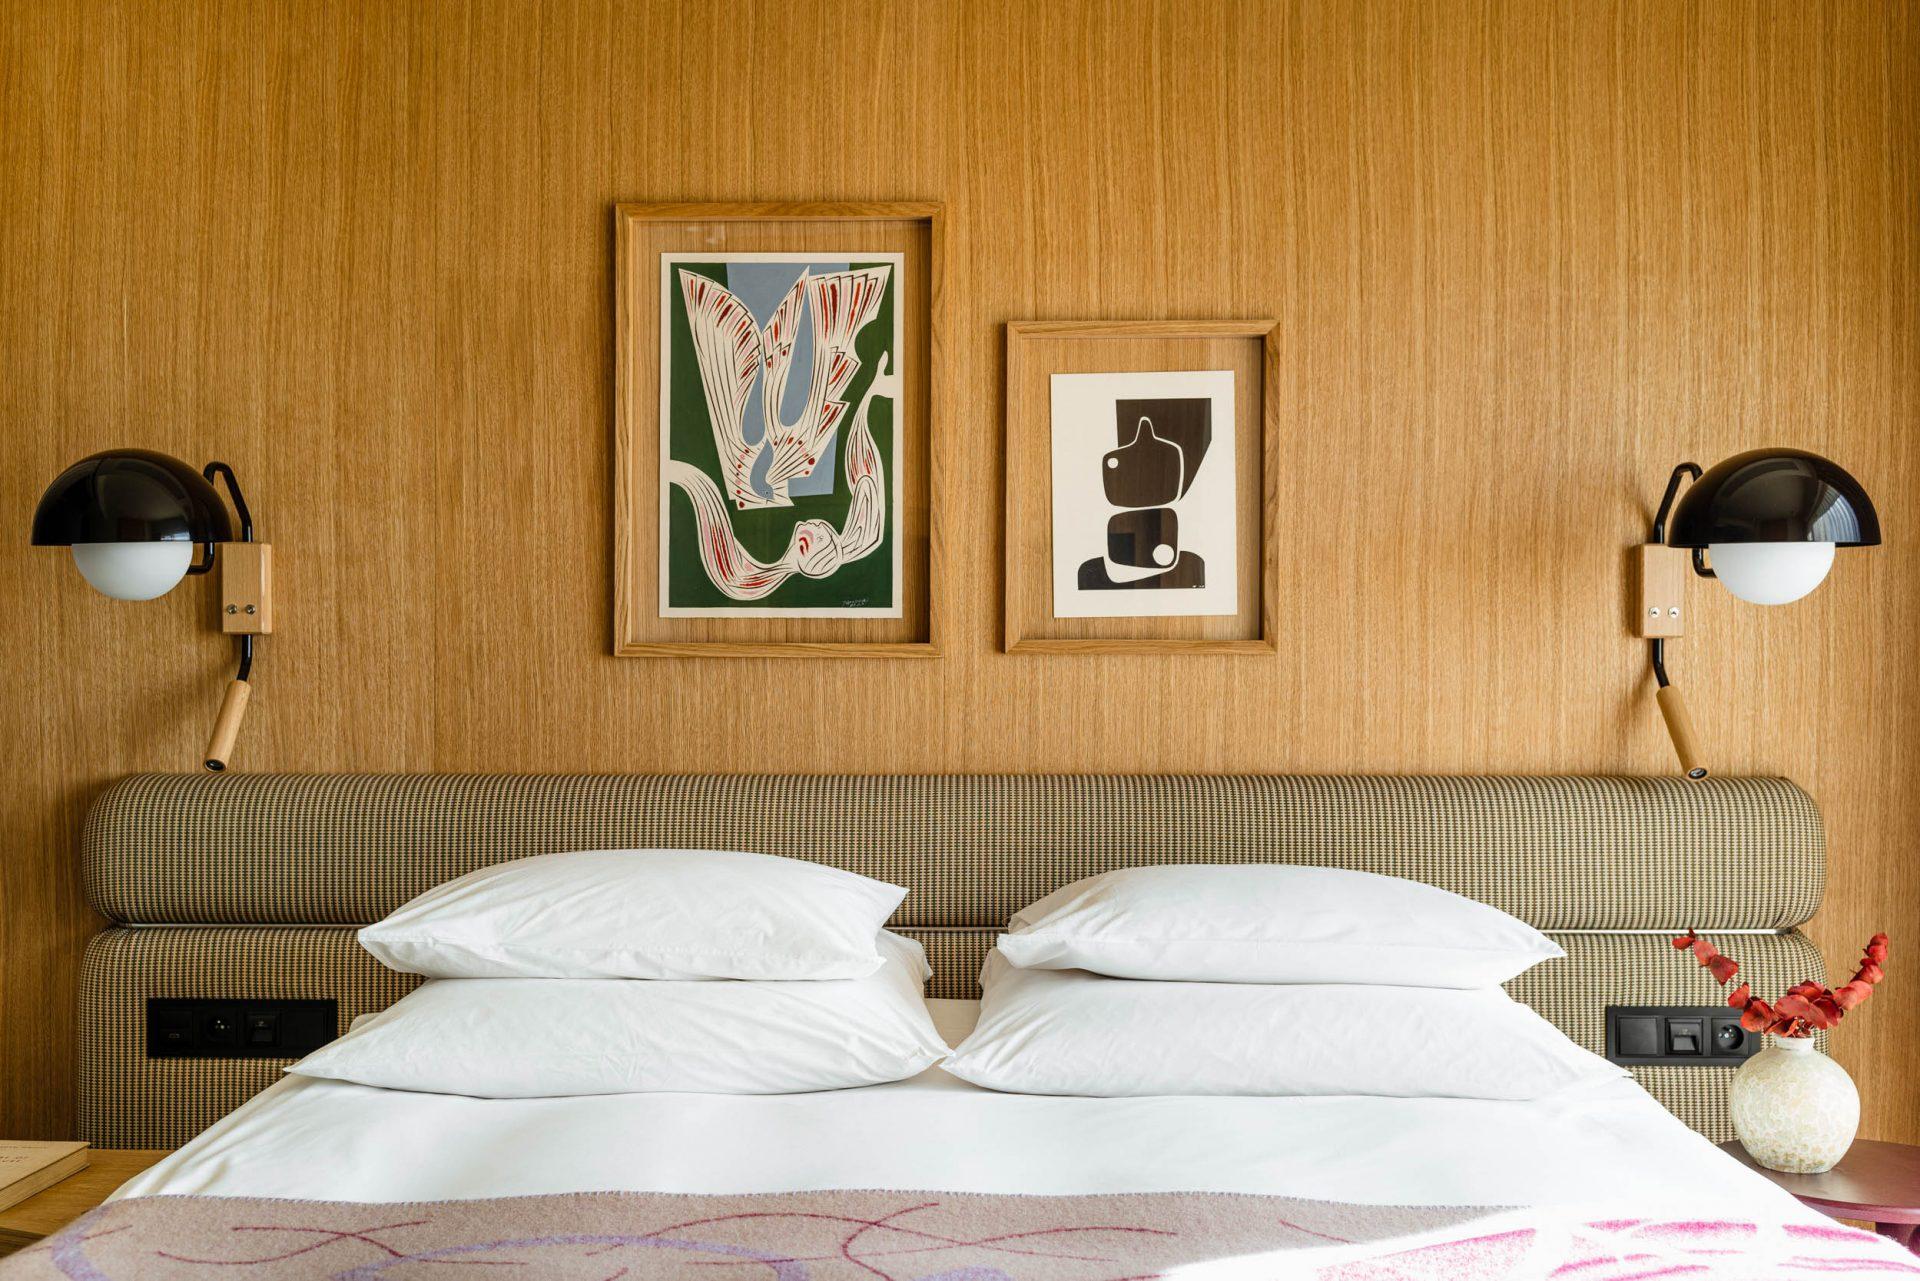 nowy_puro_hotel_krakow_old_town_paradowski_foto_pion_designalive-13